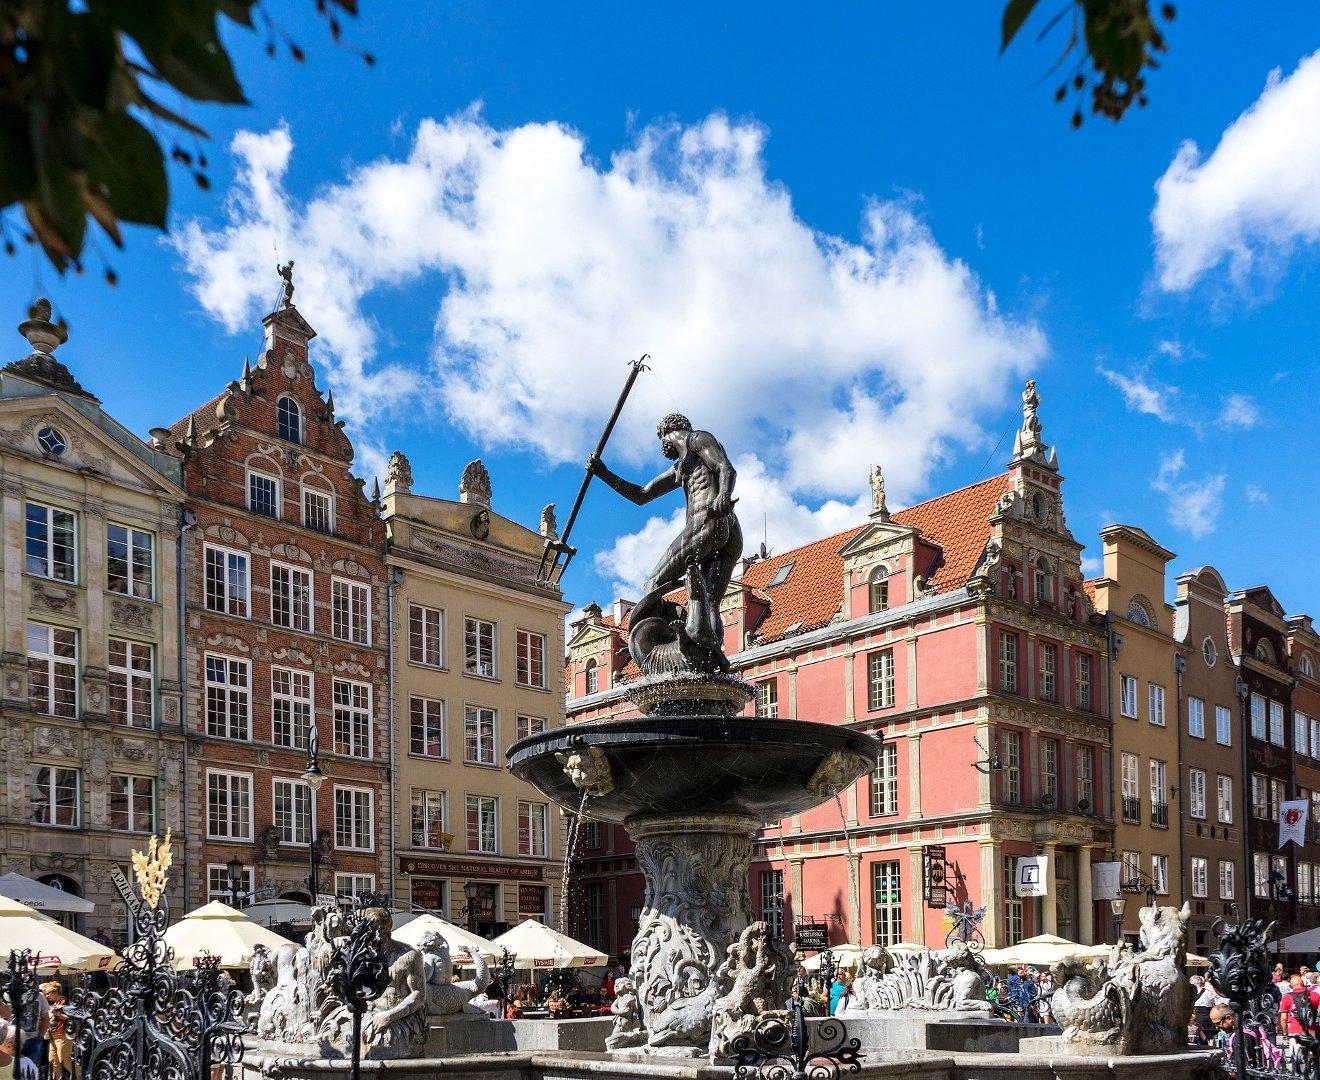 Polska Zobacz Więcej Wikipedia: Weekend Za Pół Ceny 5-7.10.2018 Gdańsk. Co? Gdzie? Kiedy